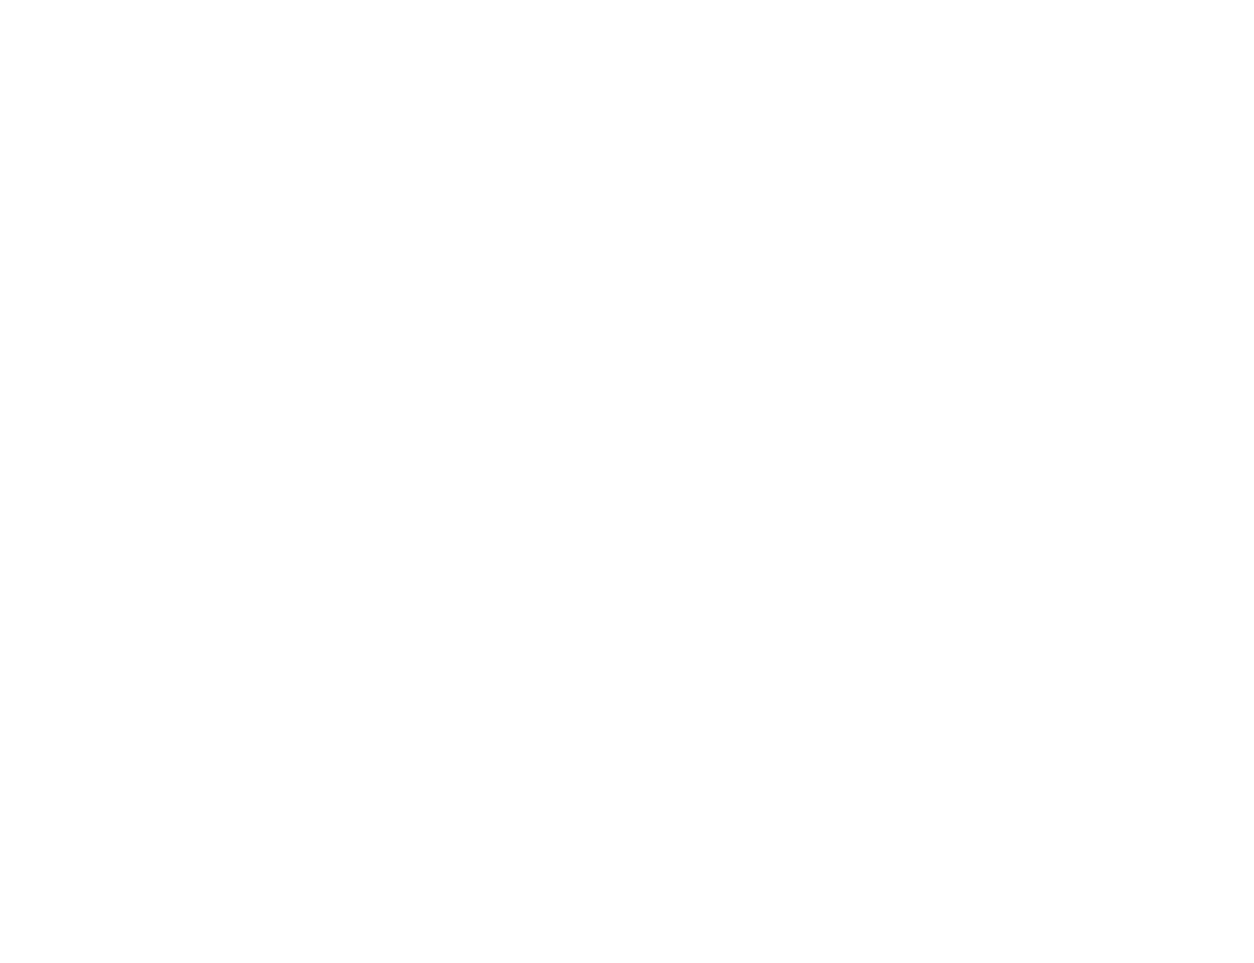 afinkdesign - Gestaltung von Printmedien